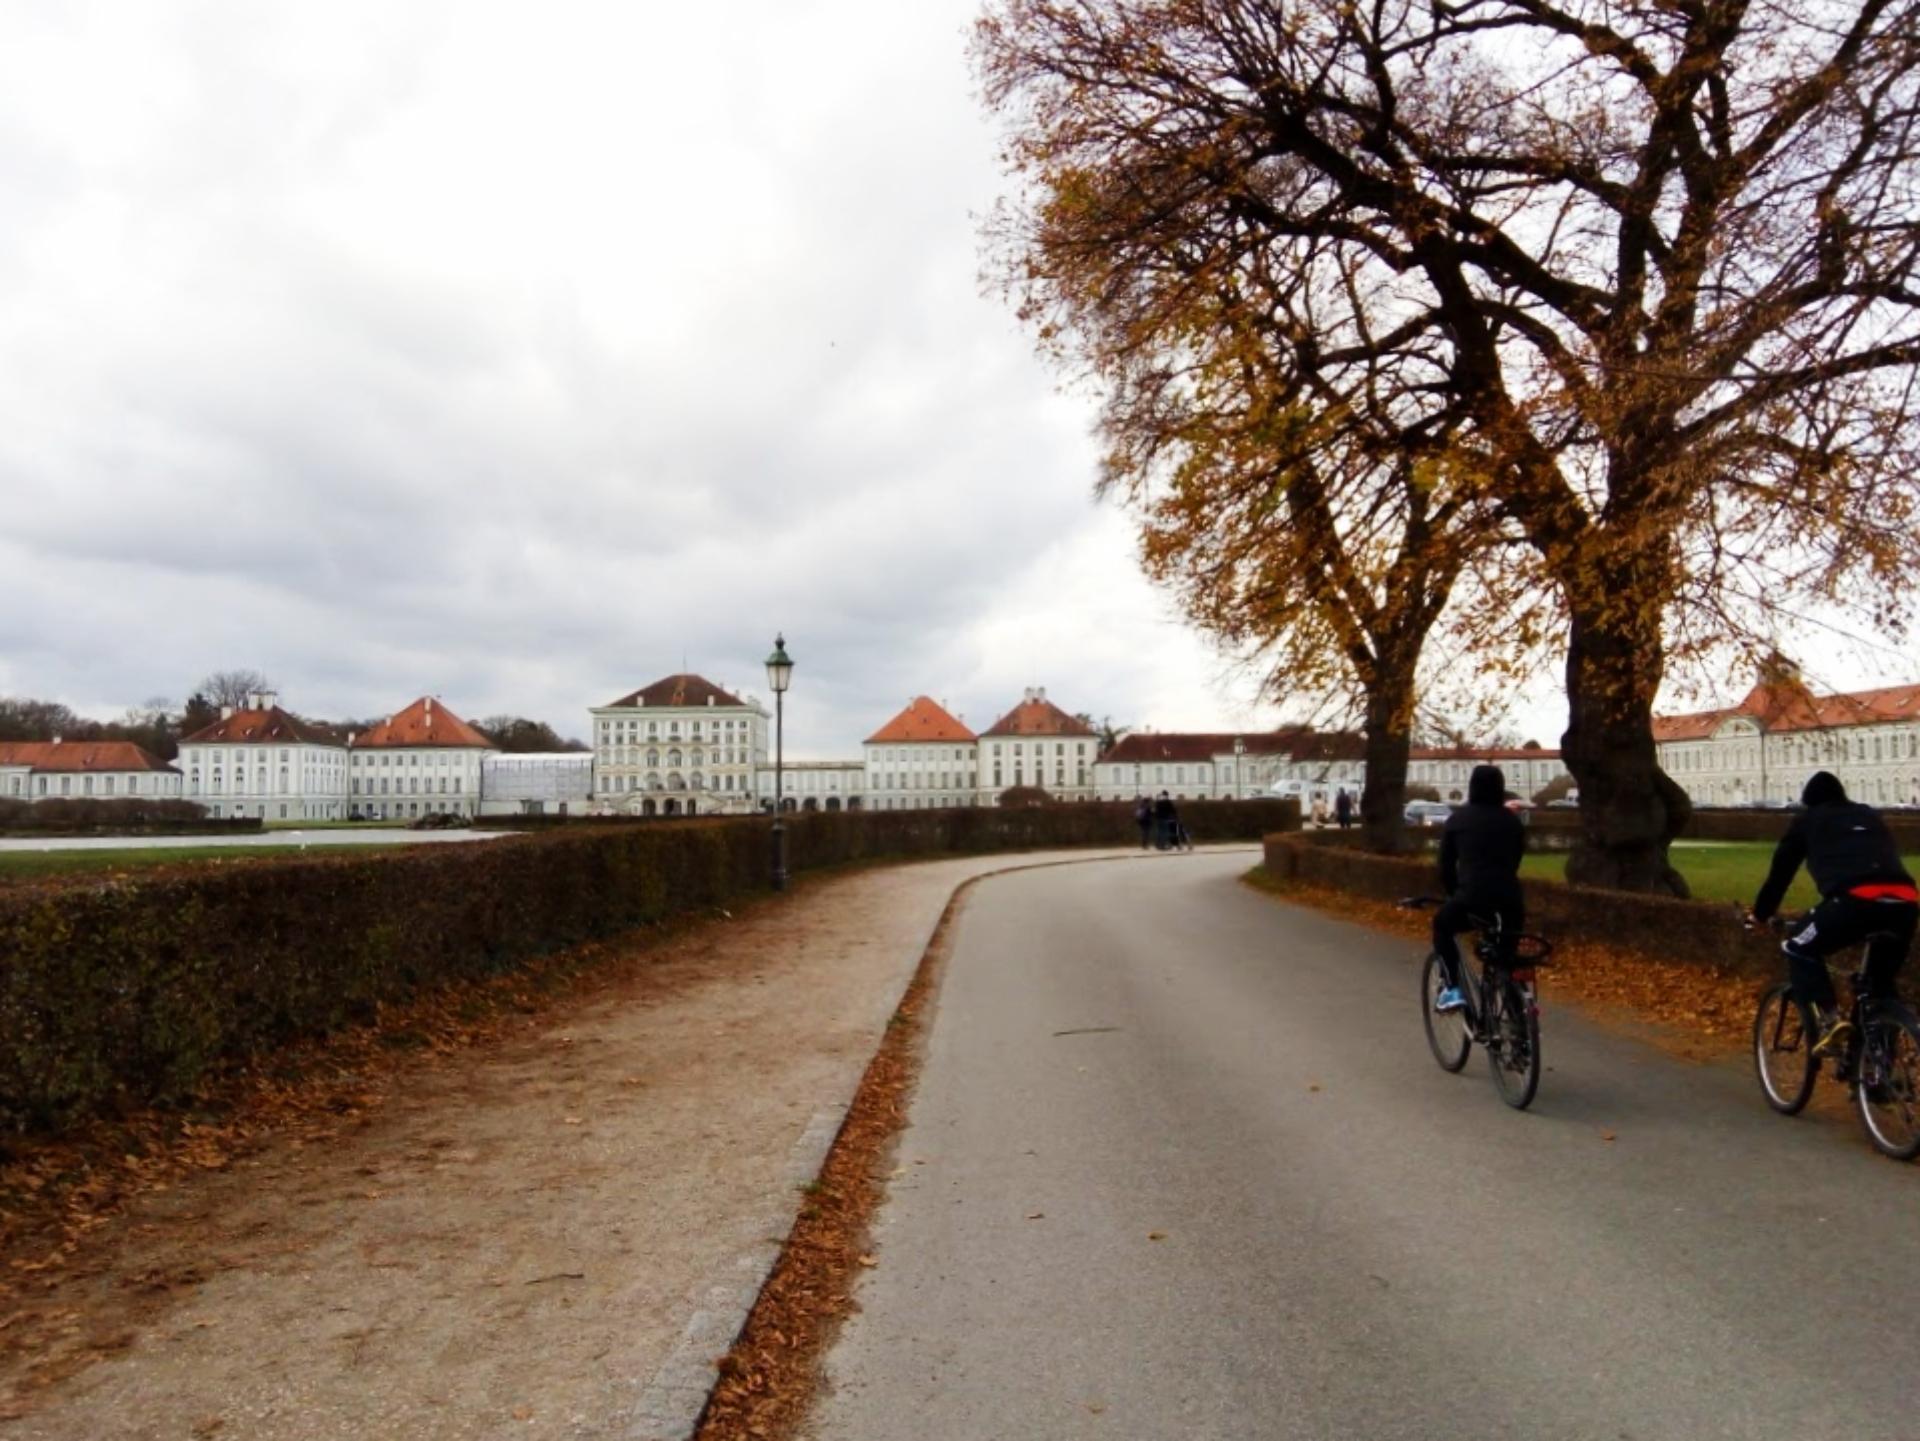 Visitantes chegam de bicicleta ao Palácio Nymphenburg, em Munique. Foto: Carolina Werneck/Gazeta do Povo